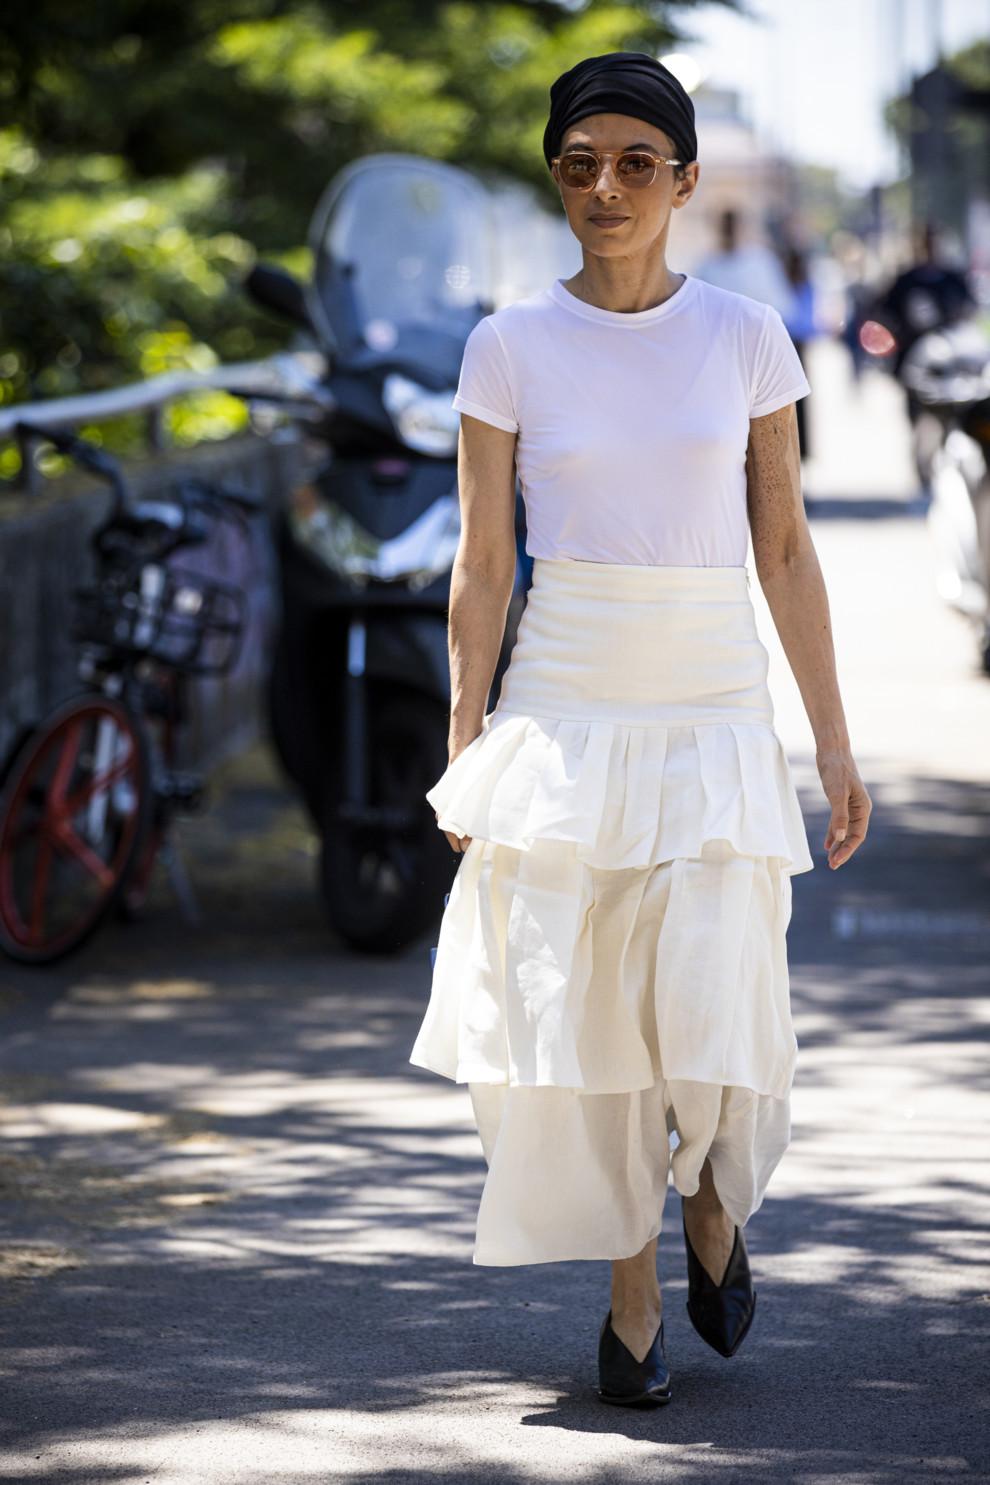 Стилист Джули Раголия во время Недели моды в Милане, июнь 2019